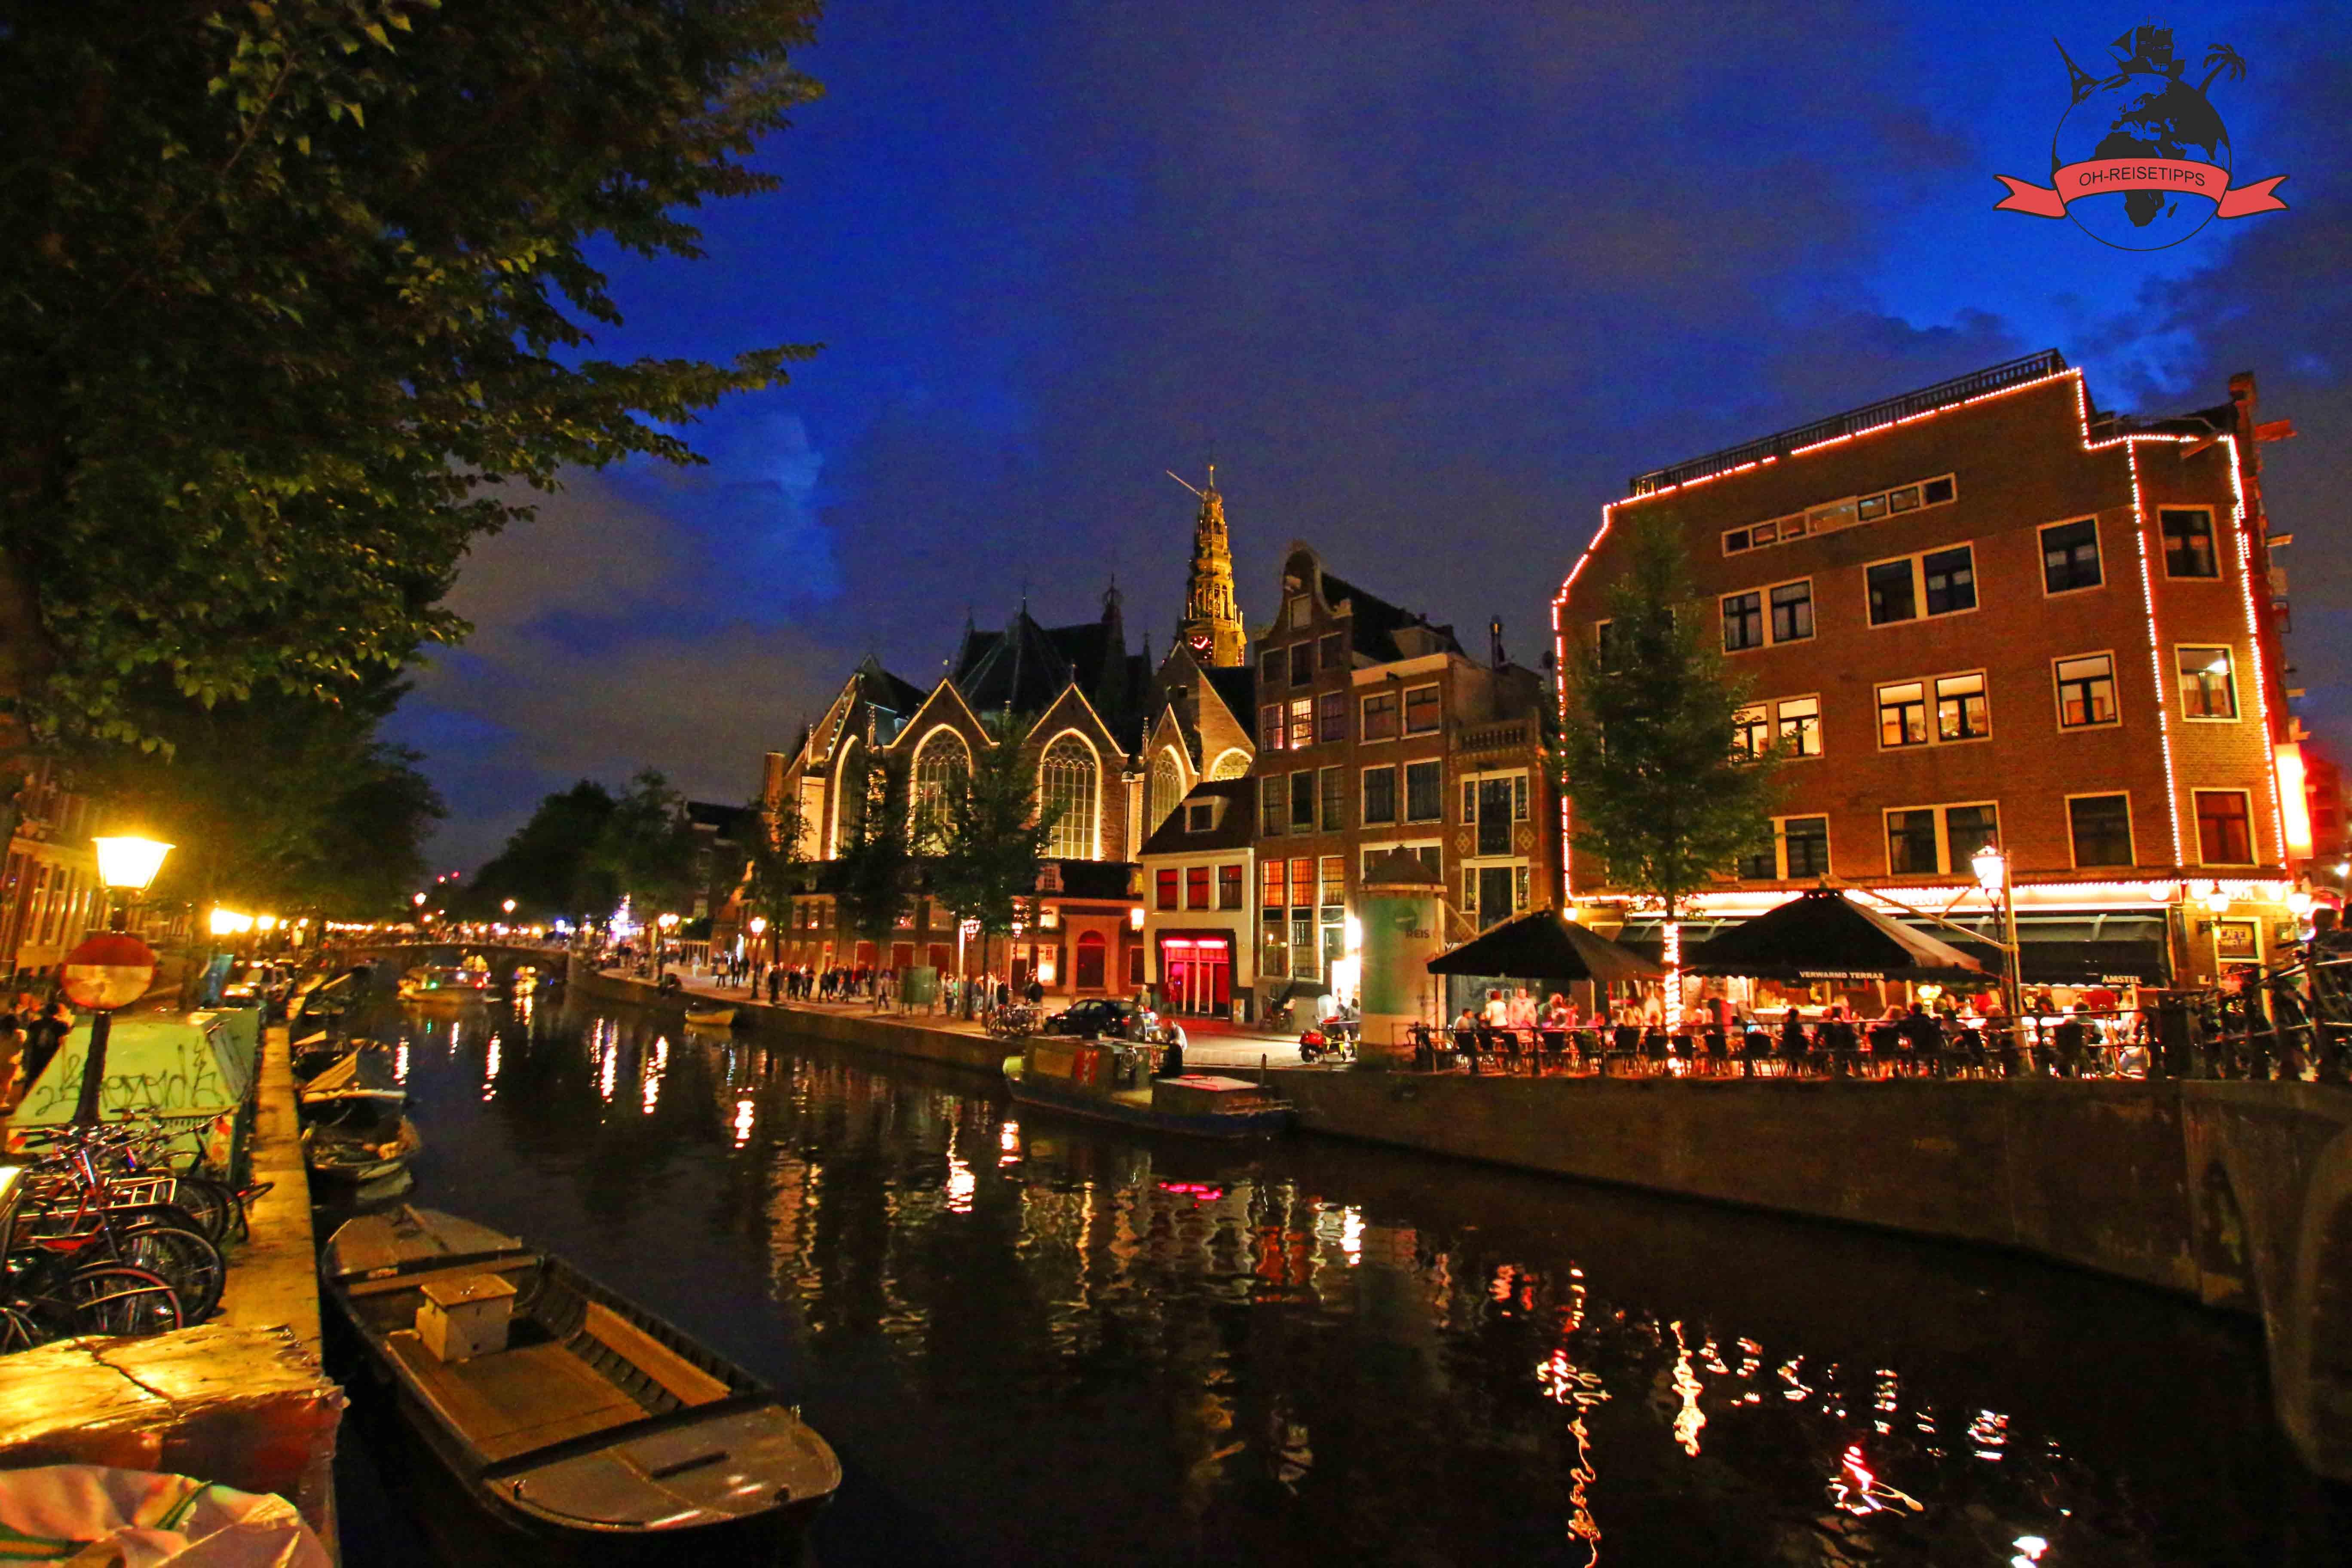 niederlande-amsterdamt-rotlichtviertel-deoudekerk